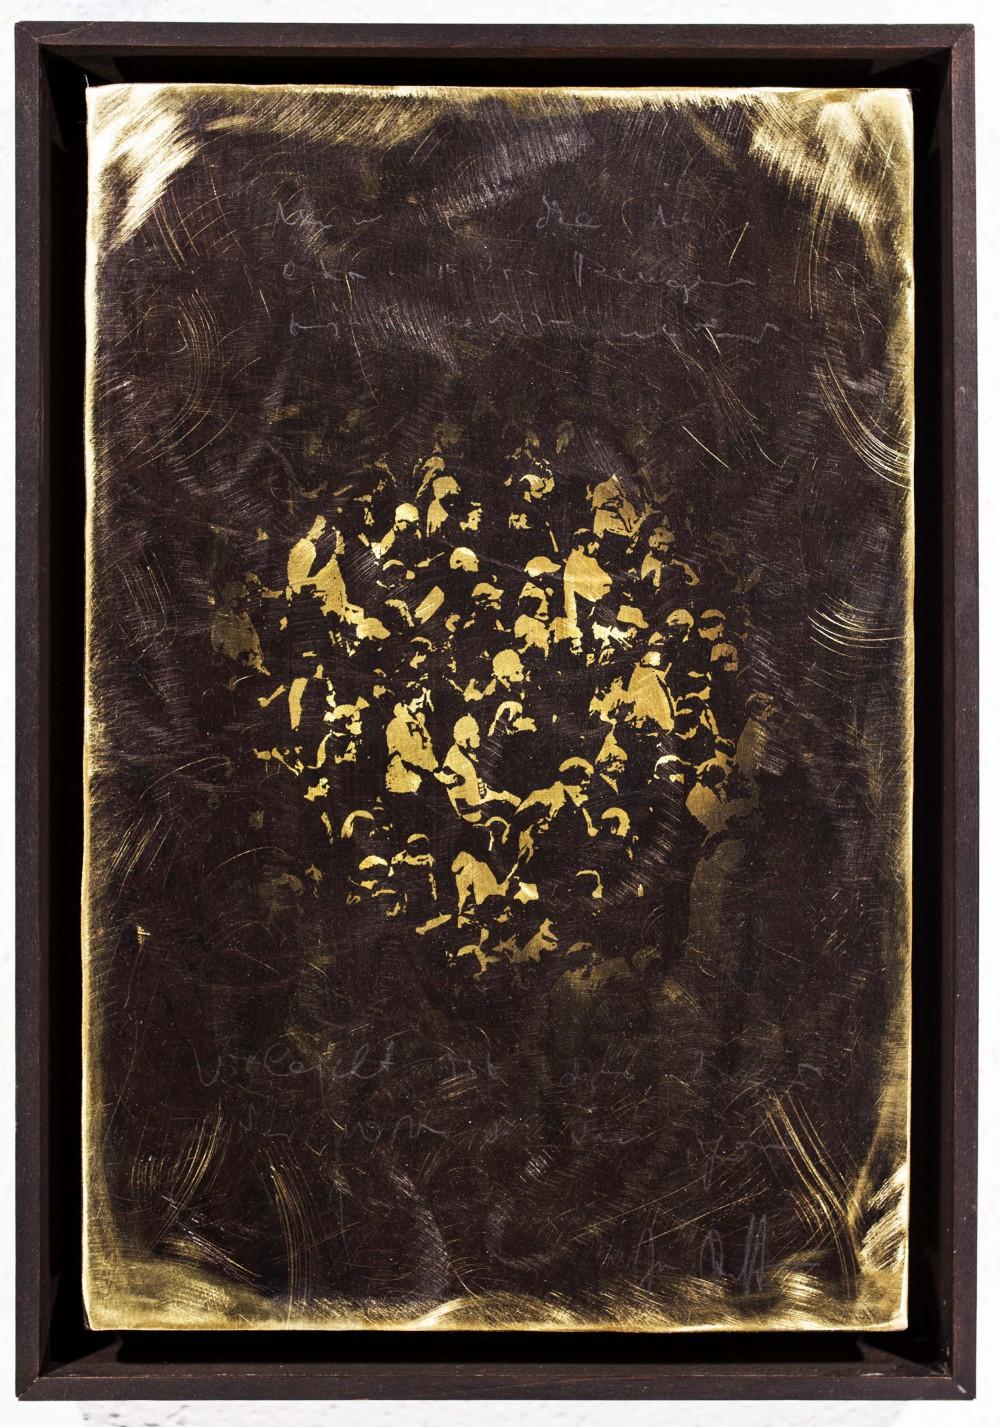 Einblick, 2015, 30x20cm, Überarbeiteter Reliefdruck auf Messing Gerahmt